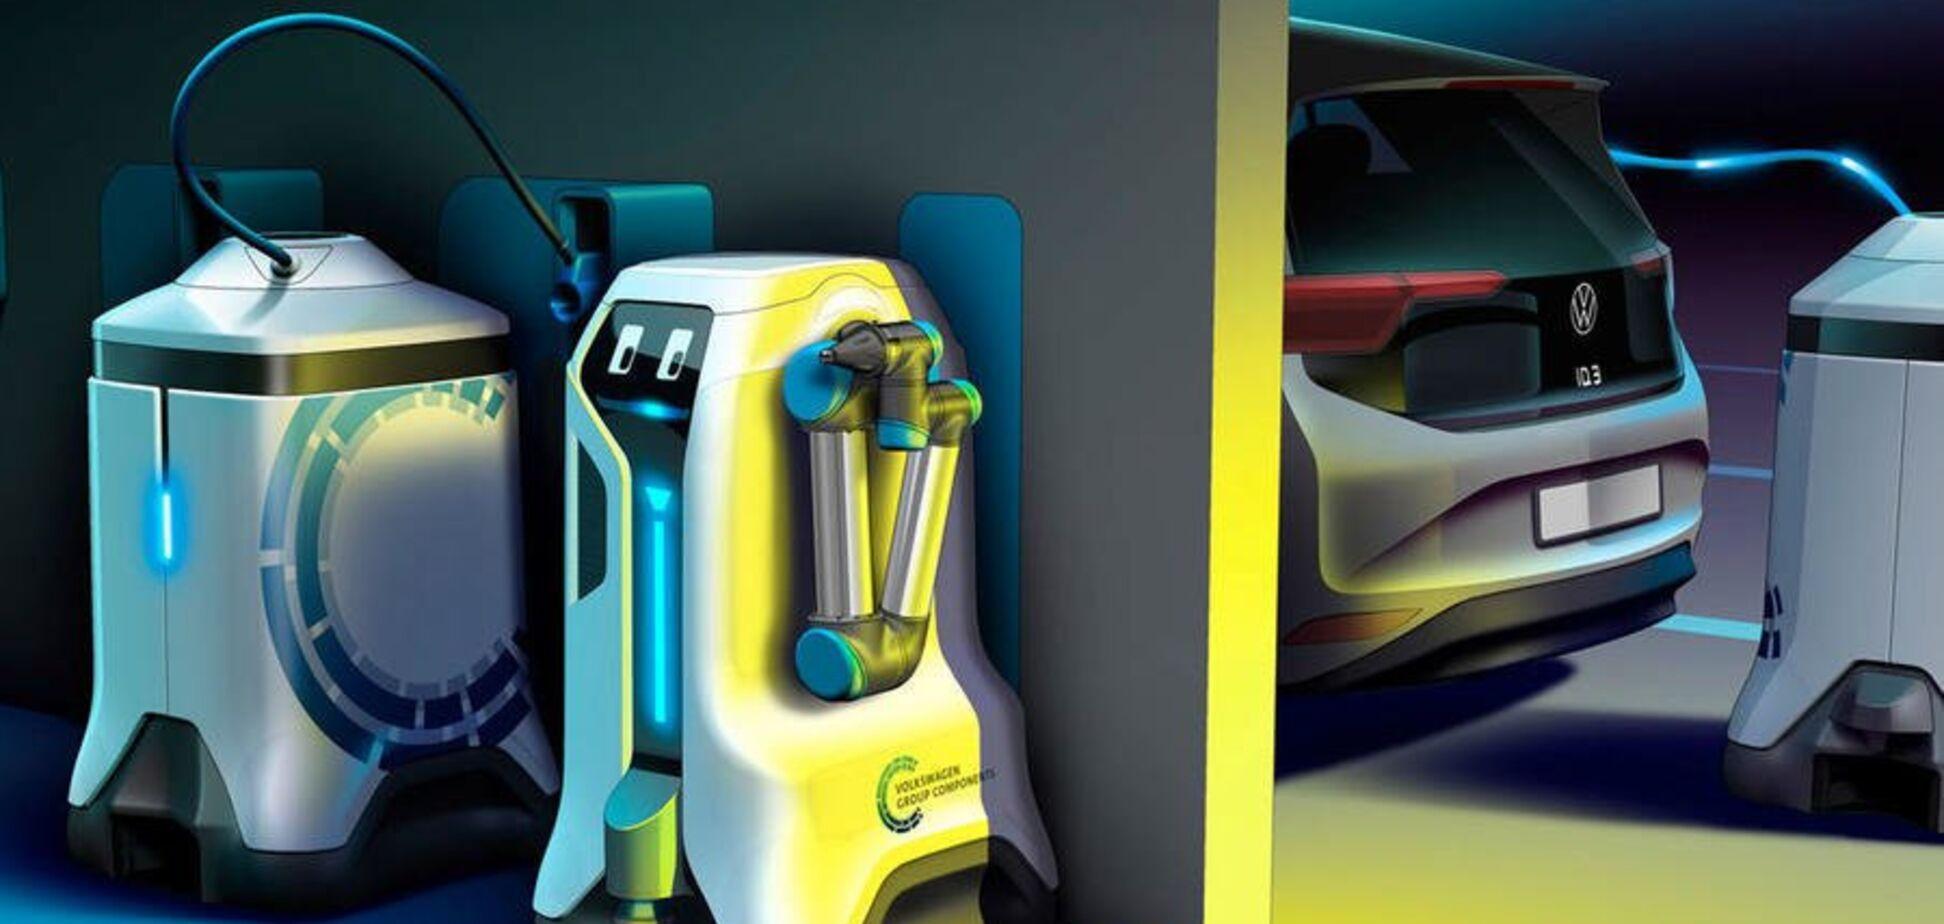 В Германии электромобили начнут заряжать роботы: что придумали инженеры Volkswagen